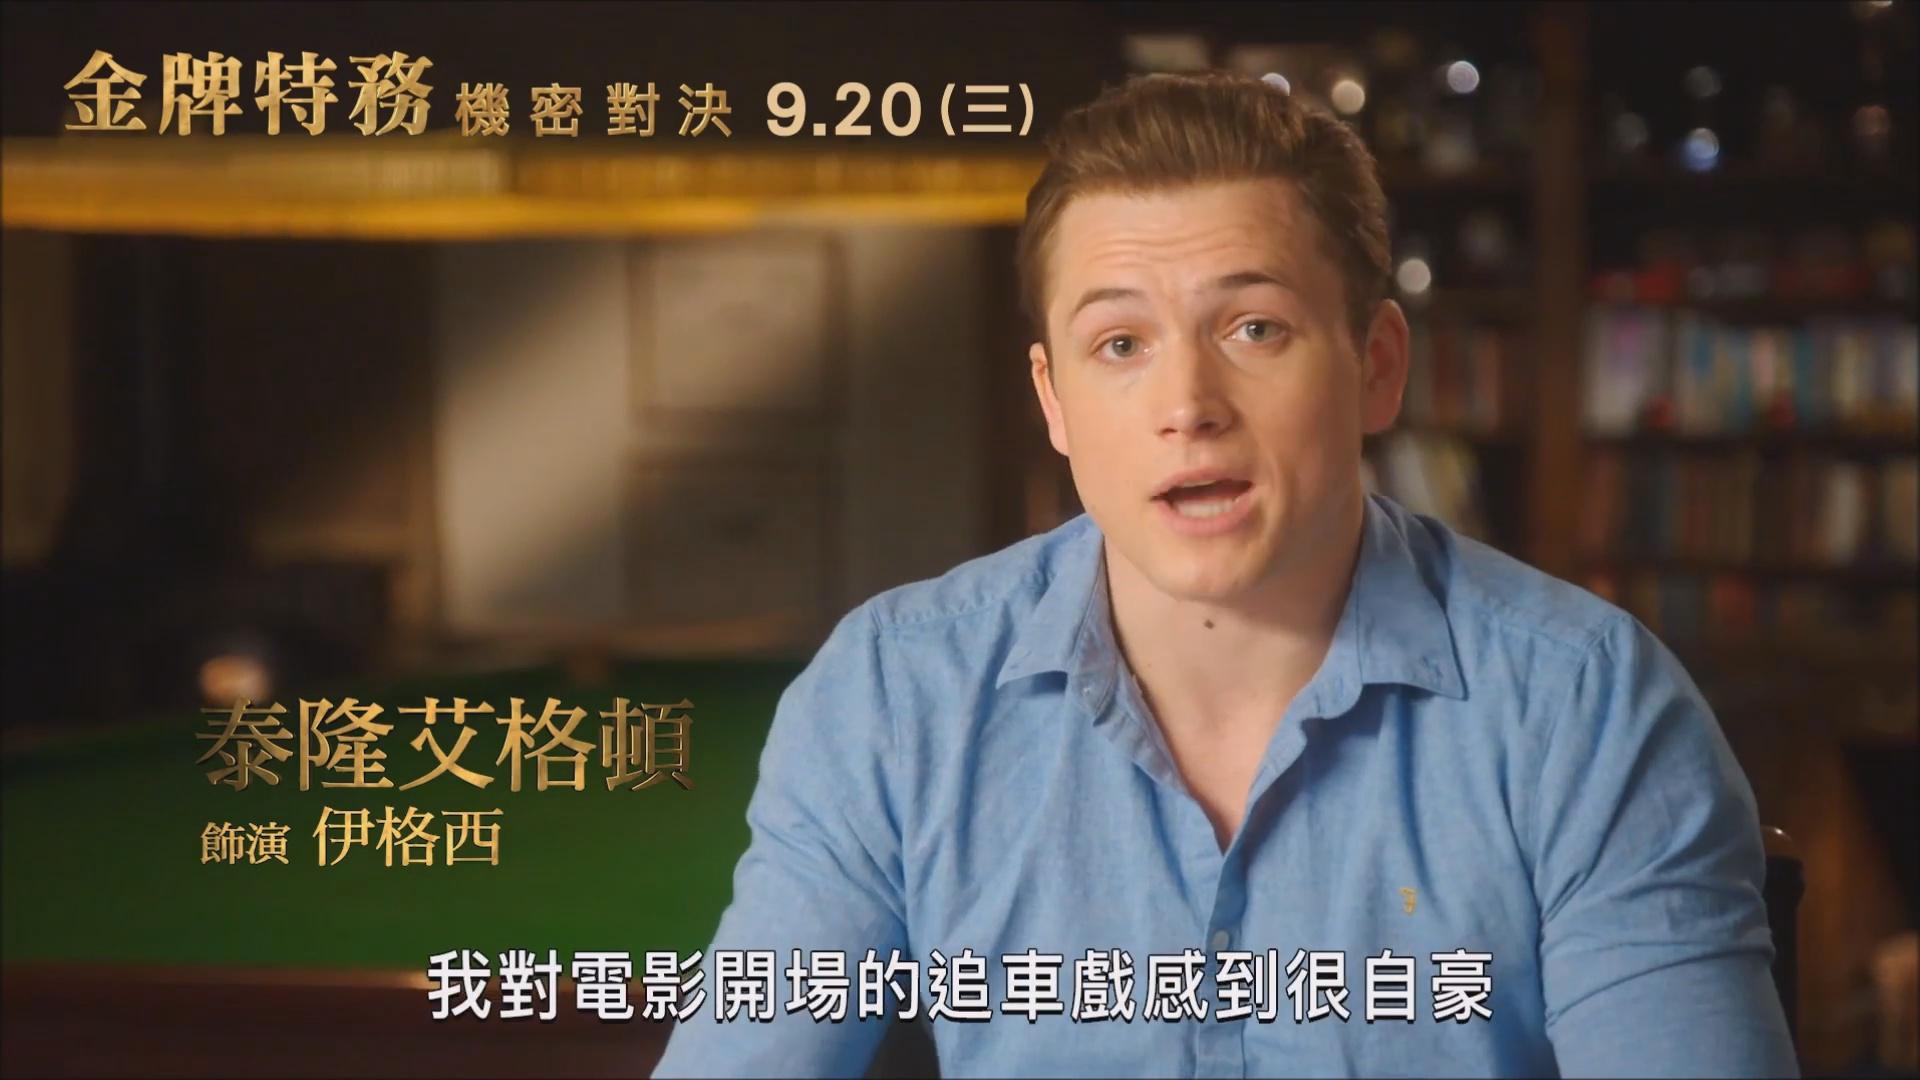 全员到齐!《王牌特工2:黄金圈》22分钟演员访谈特辑第二部分